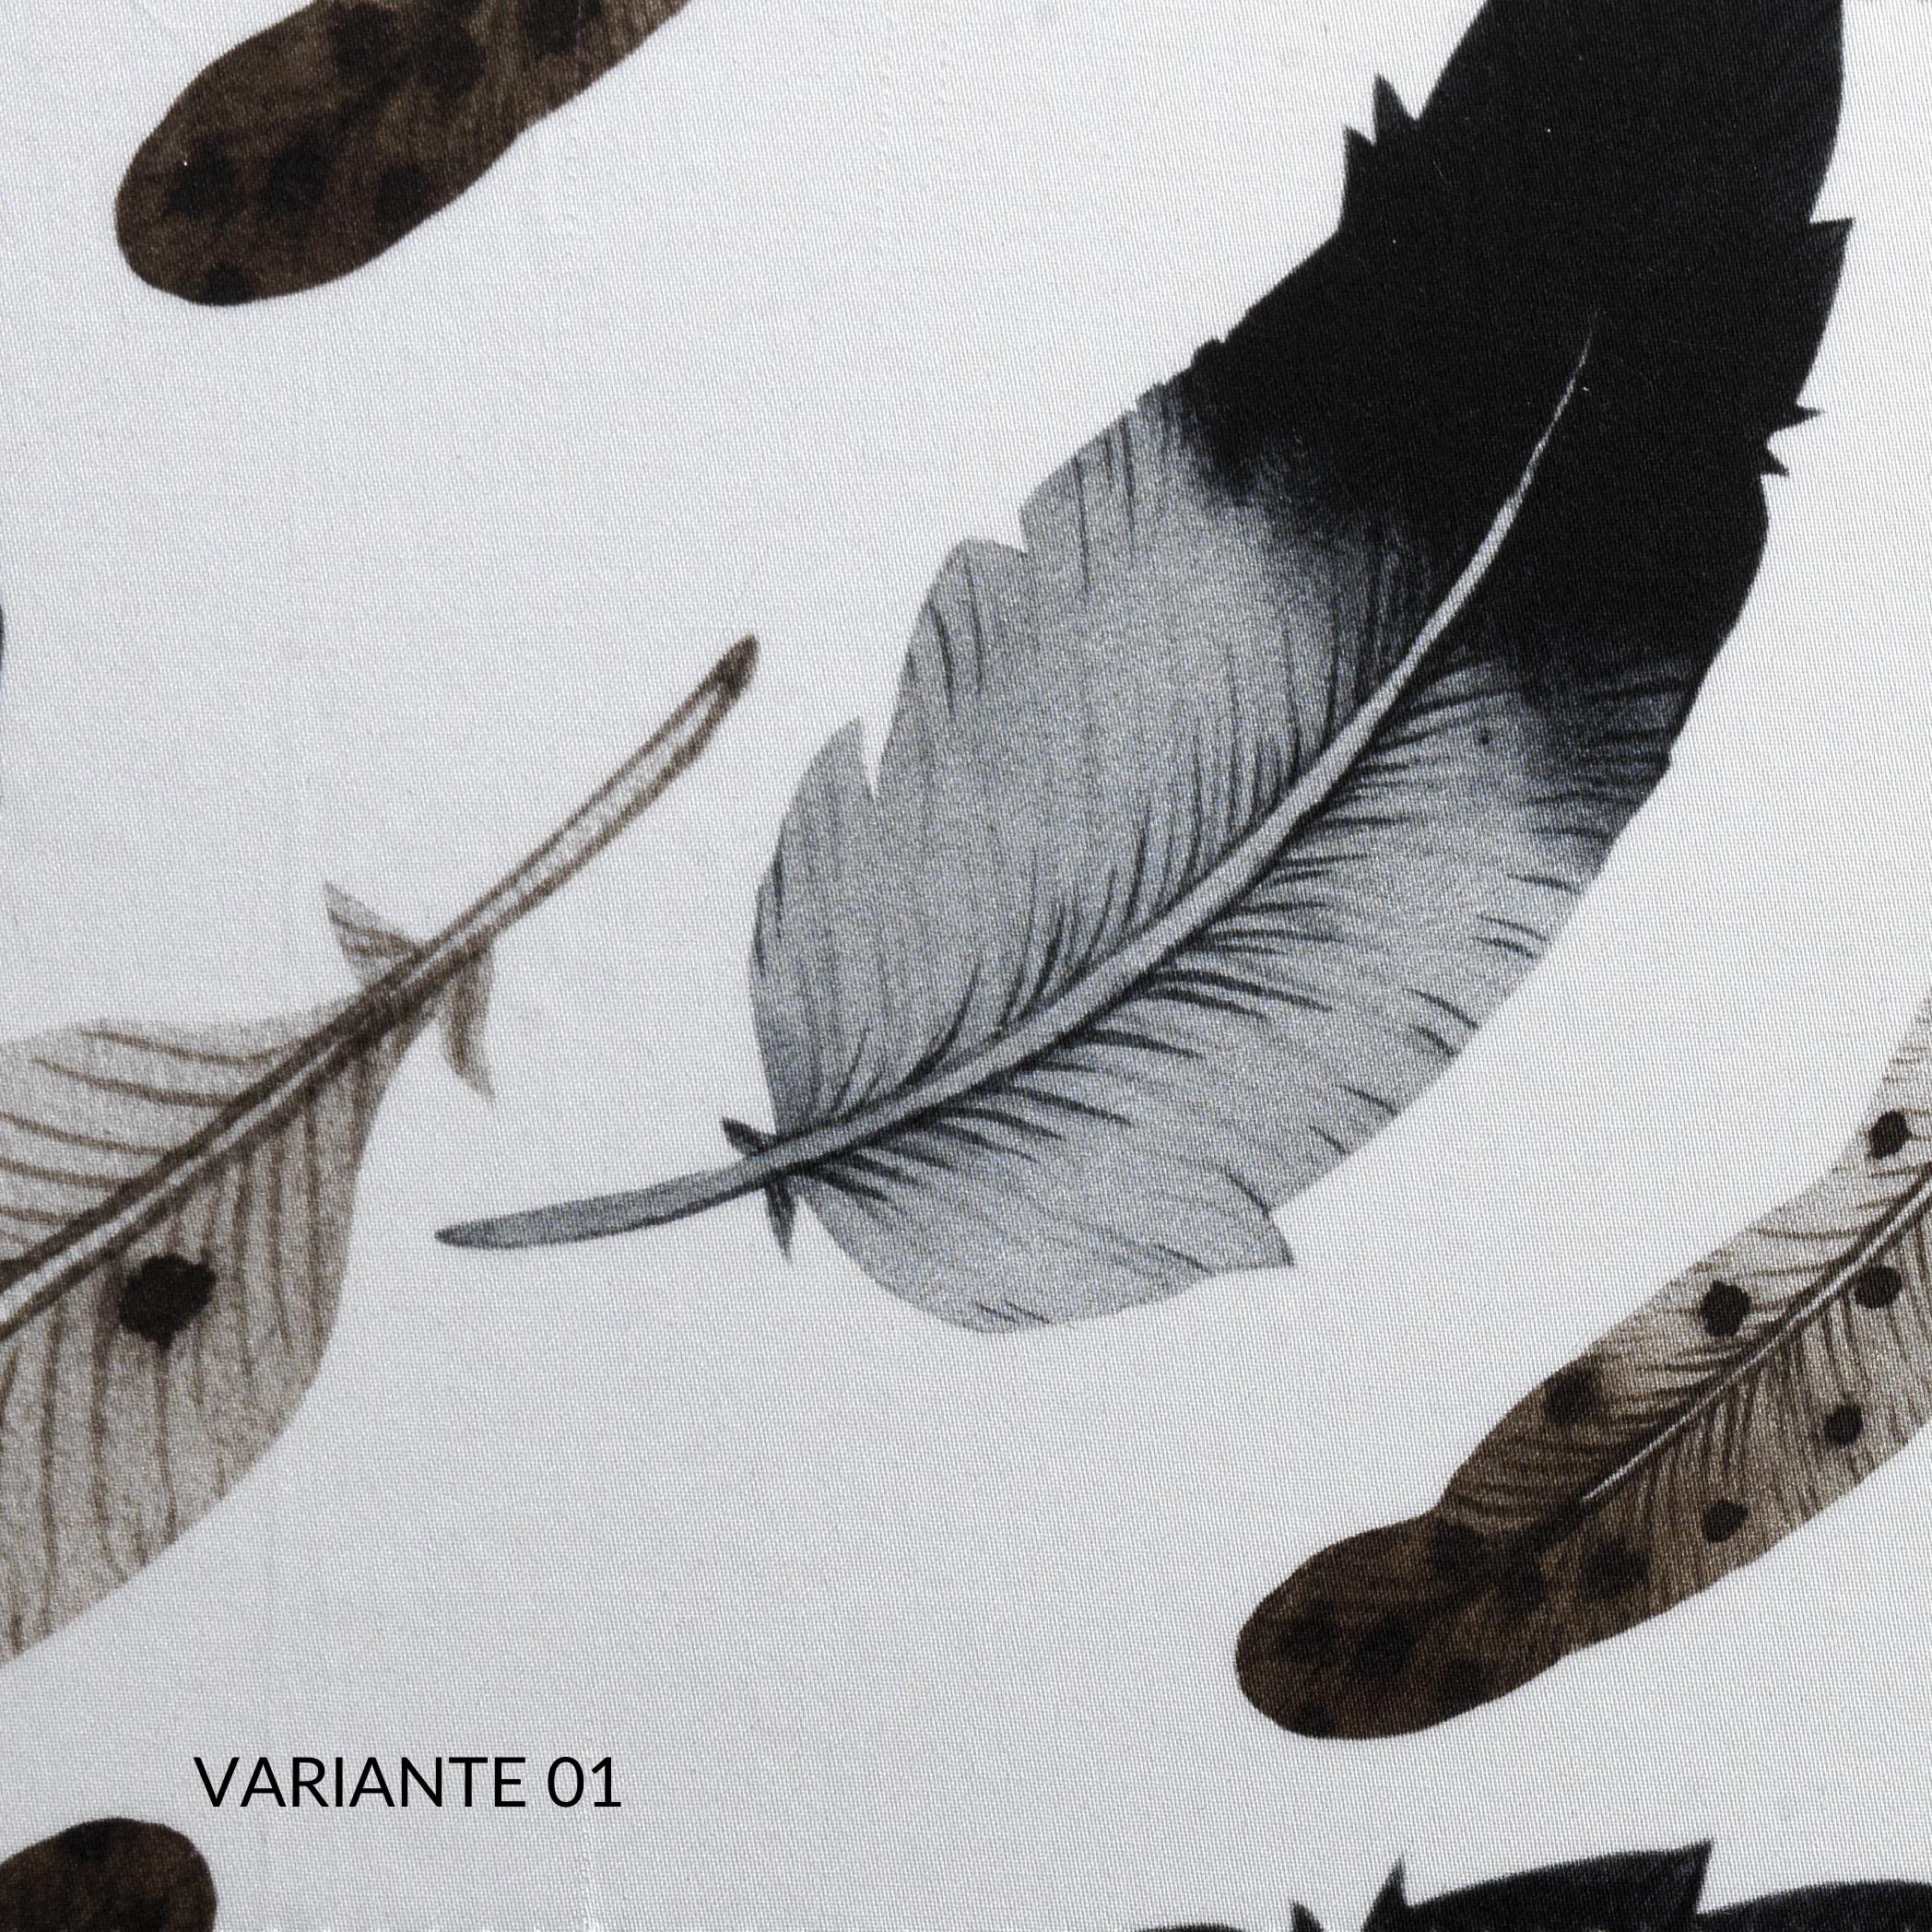 Set Completo Lenzuola Matrimoniale con Fodere per Cuscino 50x80, Decorazione Fantasia, Morbido 100% Raso Puro Cotone Naturale, Tessuto Anallergico | PLUMES